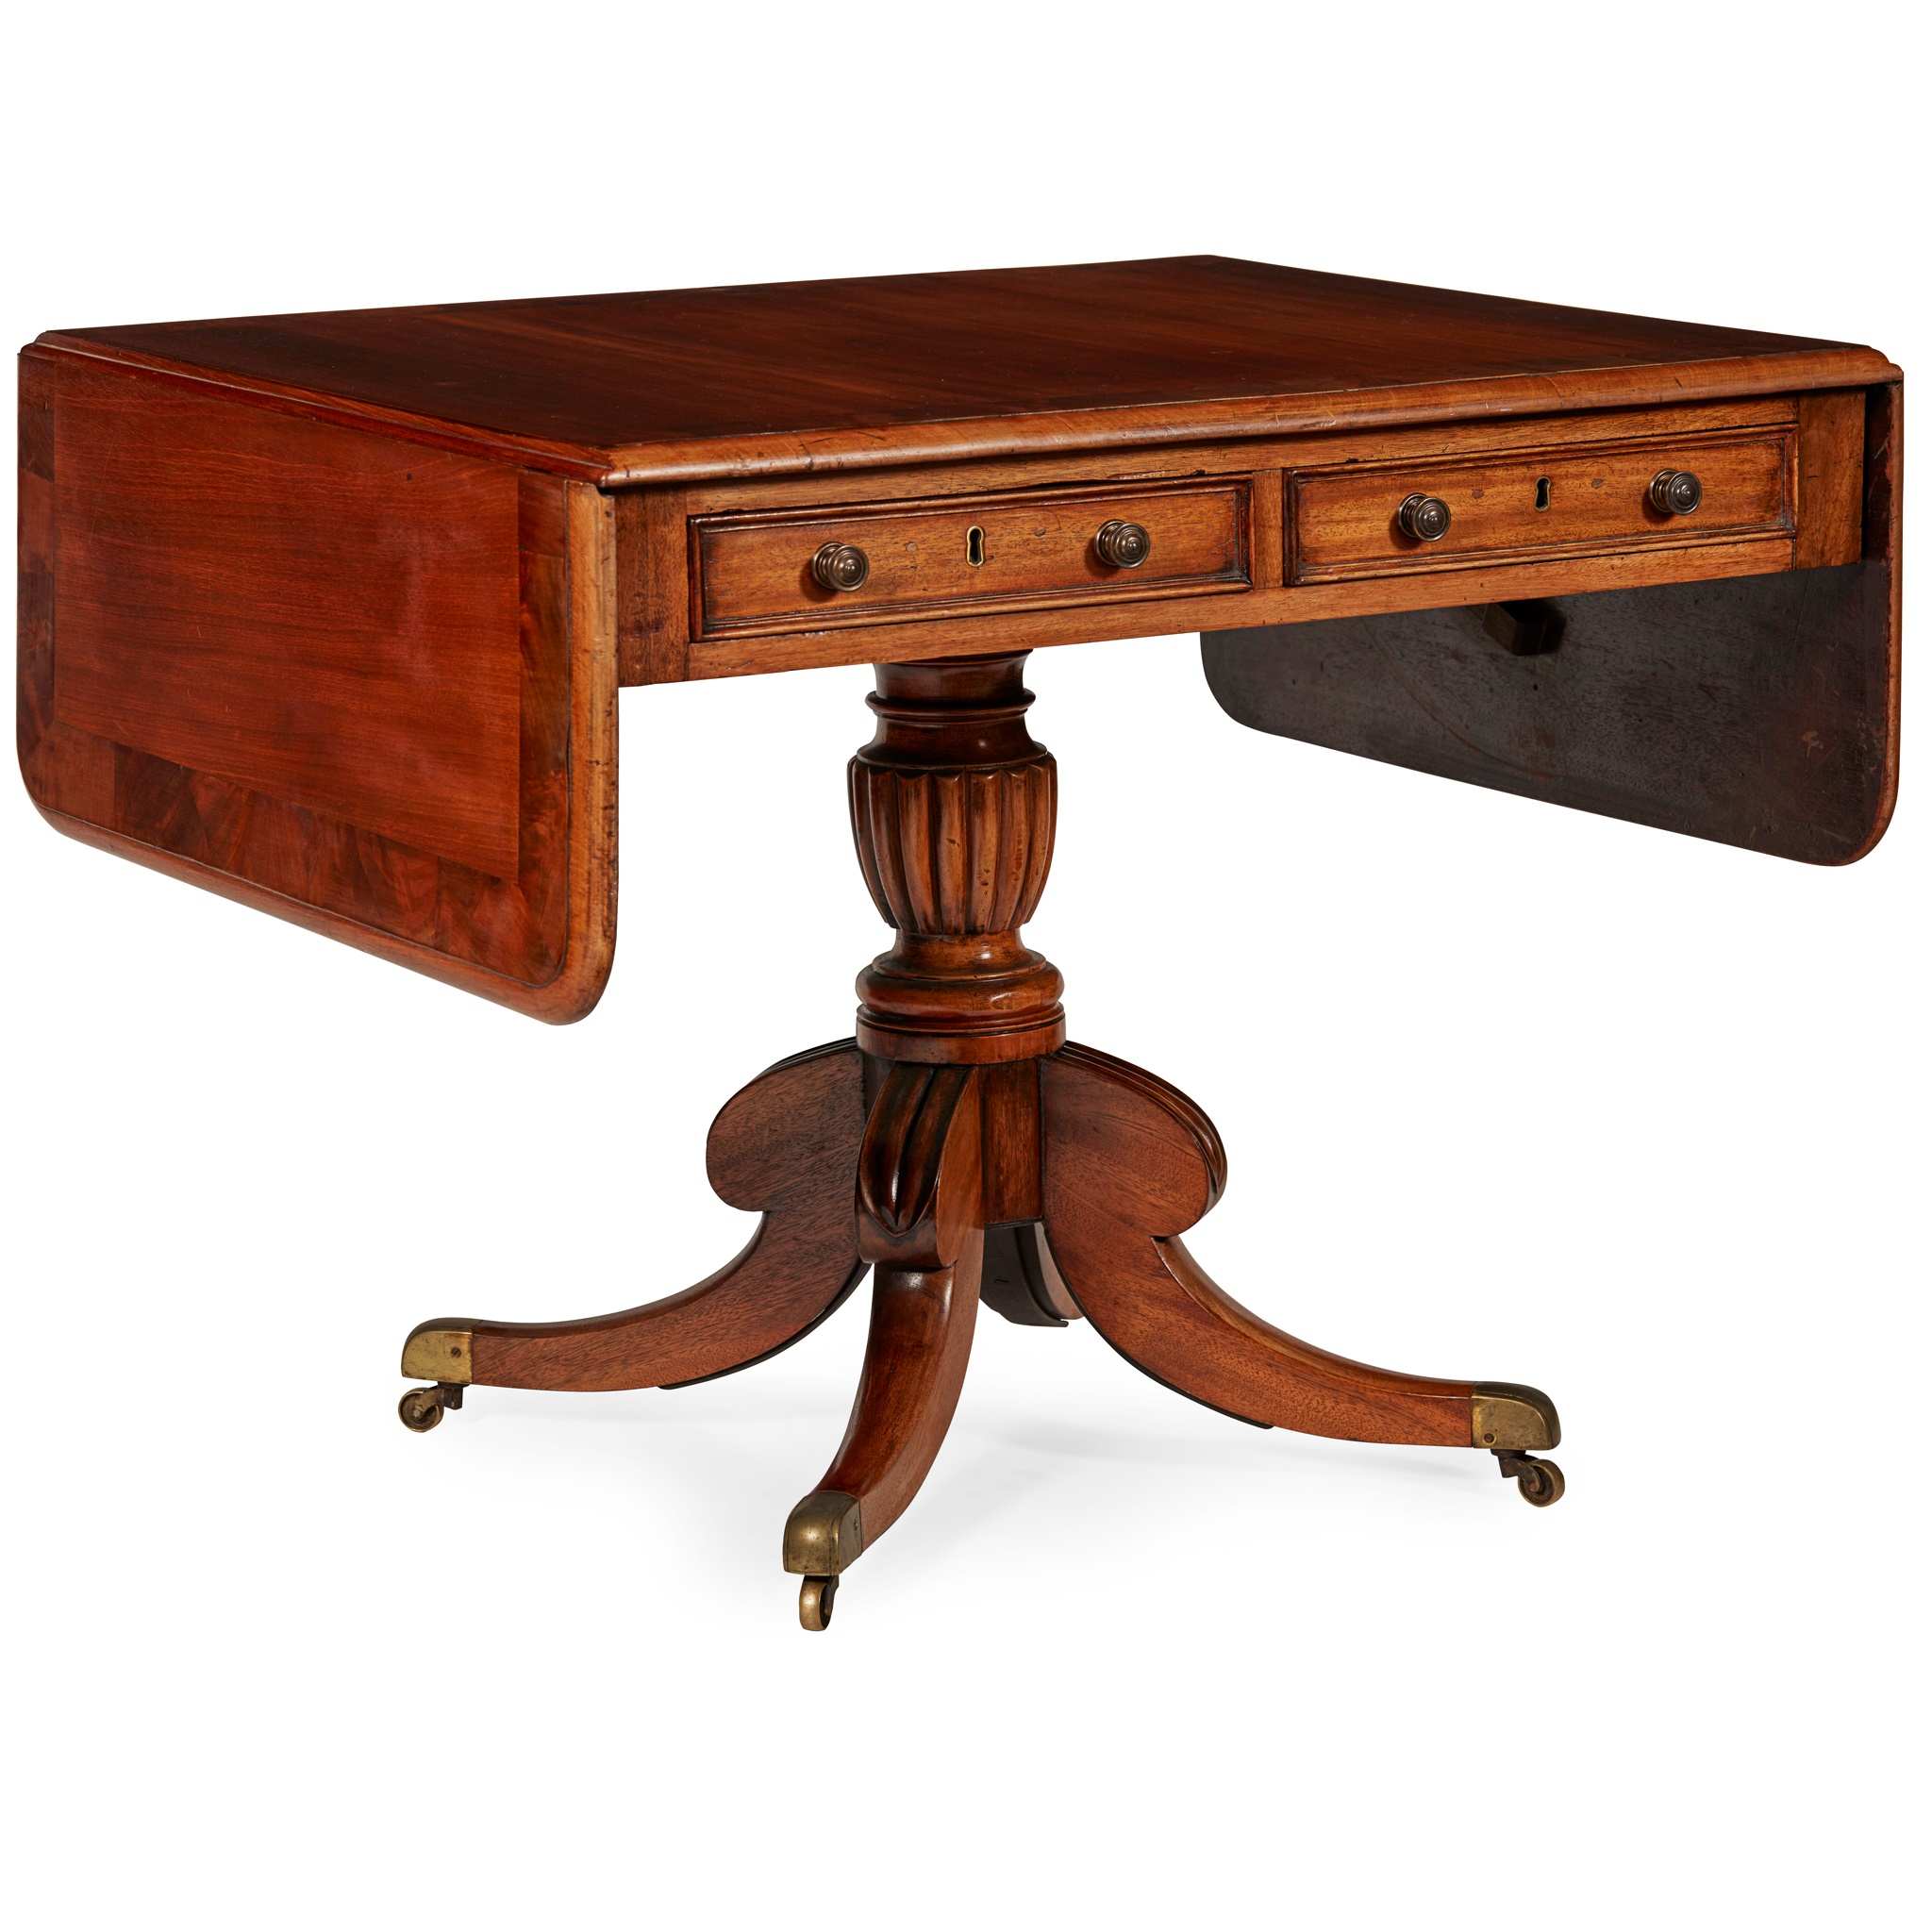 REGENCY MAHOGANY SOFA TABLE 19TH CENTURY